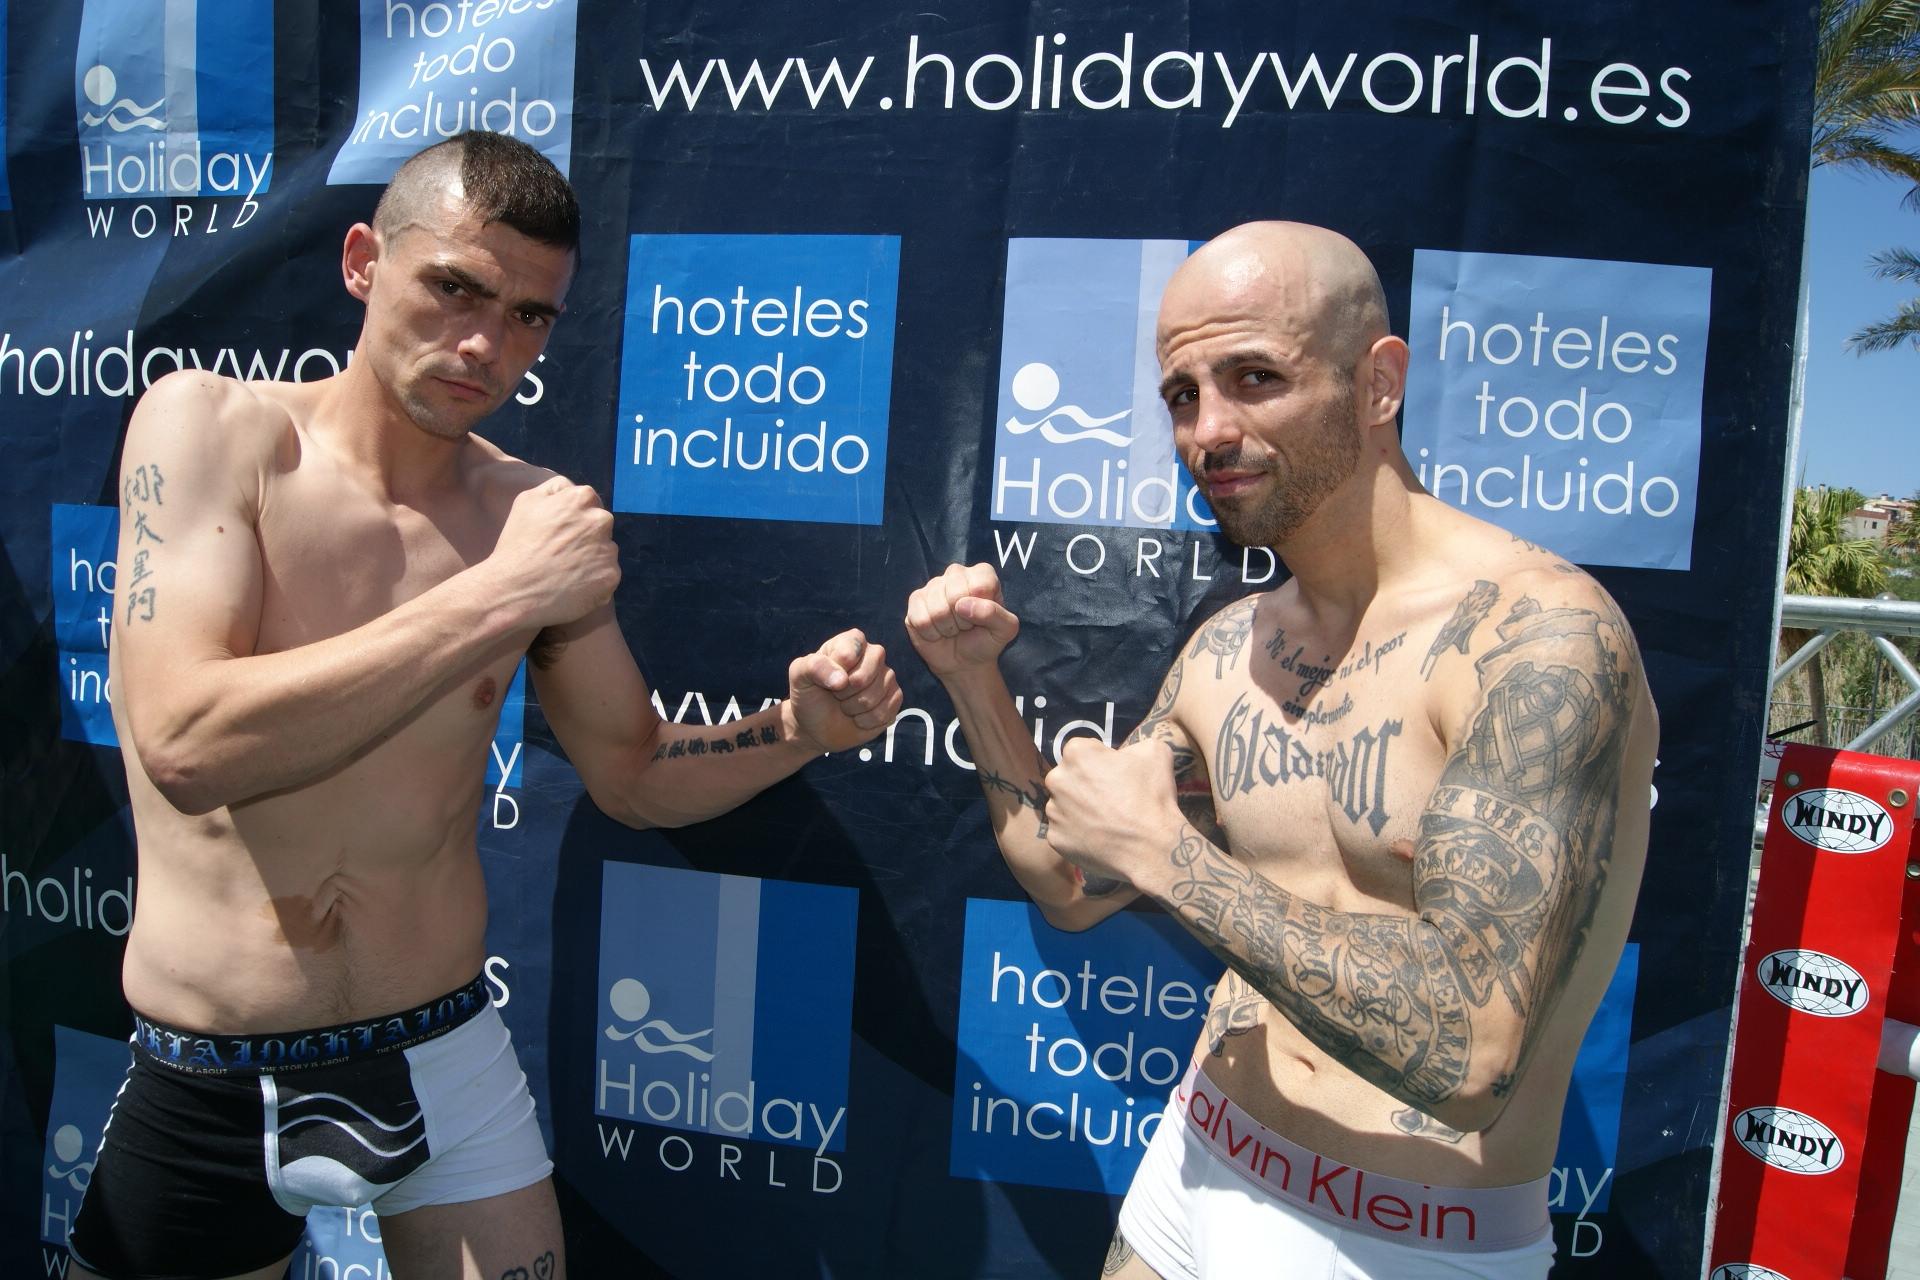 """pesaje boxeo profesional Holiday World Benalmádena para campeonato de España del peso pluma entre Andoni Gago y Antonio Rodríguez """"Chiky"""""""